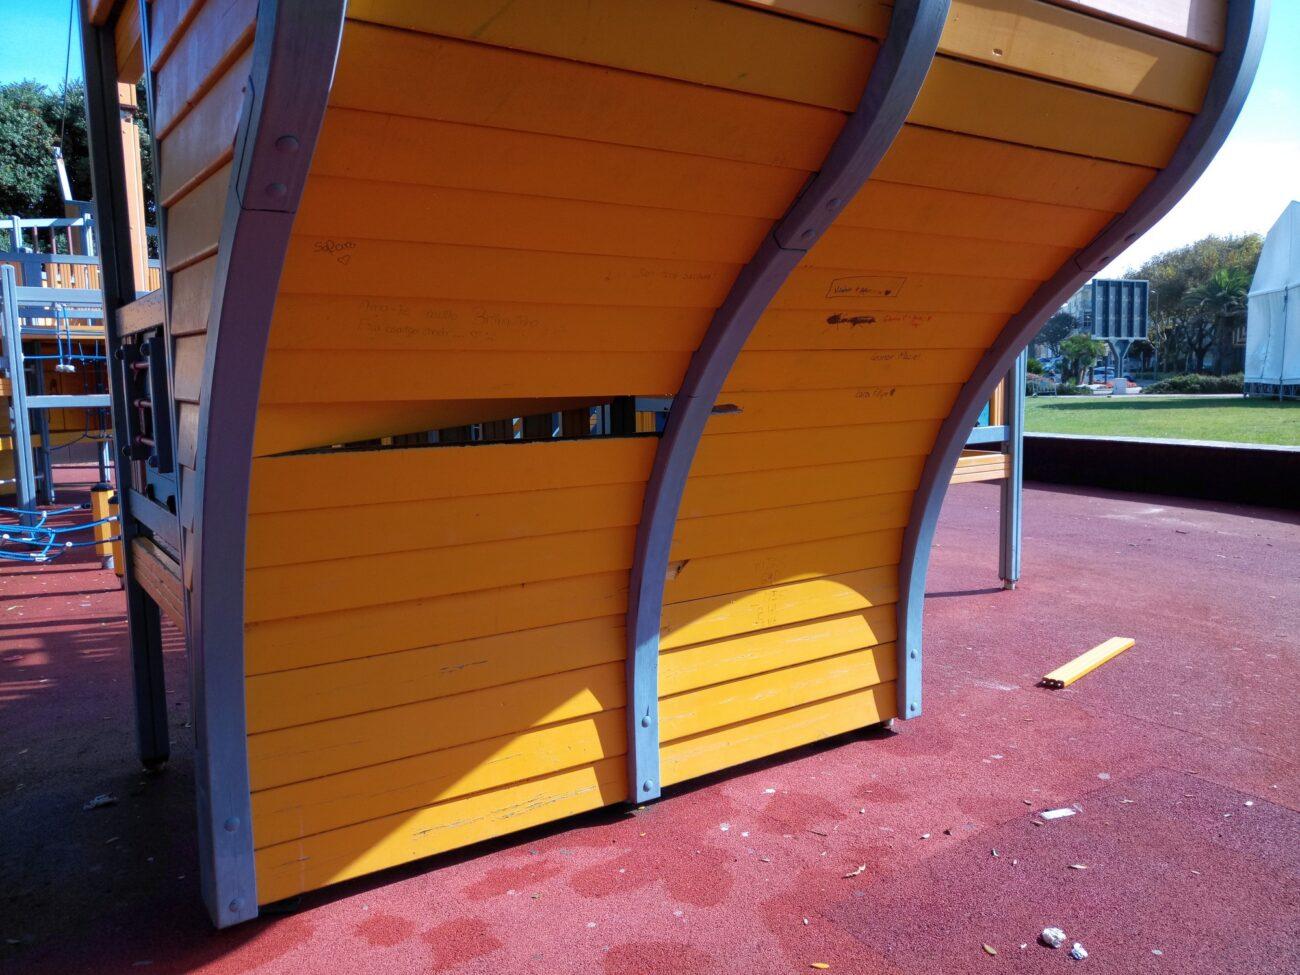 vandalismo_parque caravela_jpg